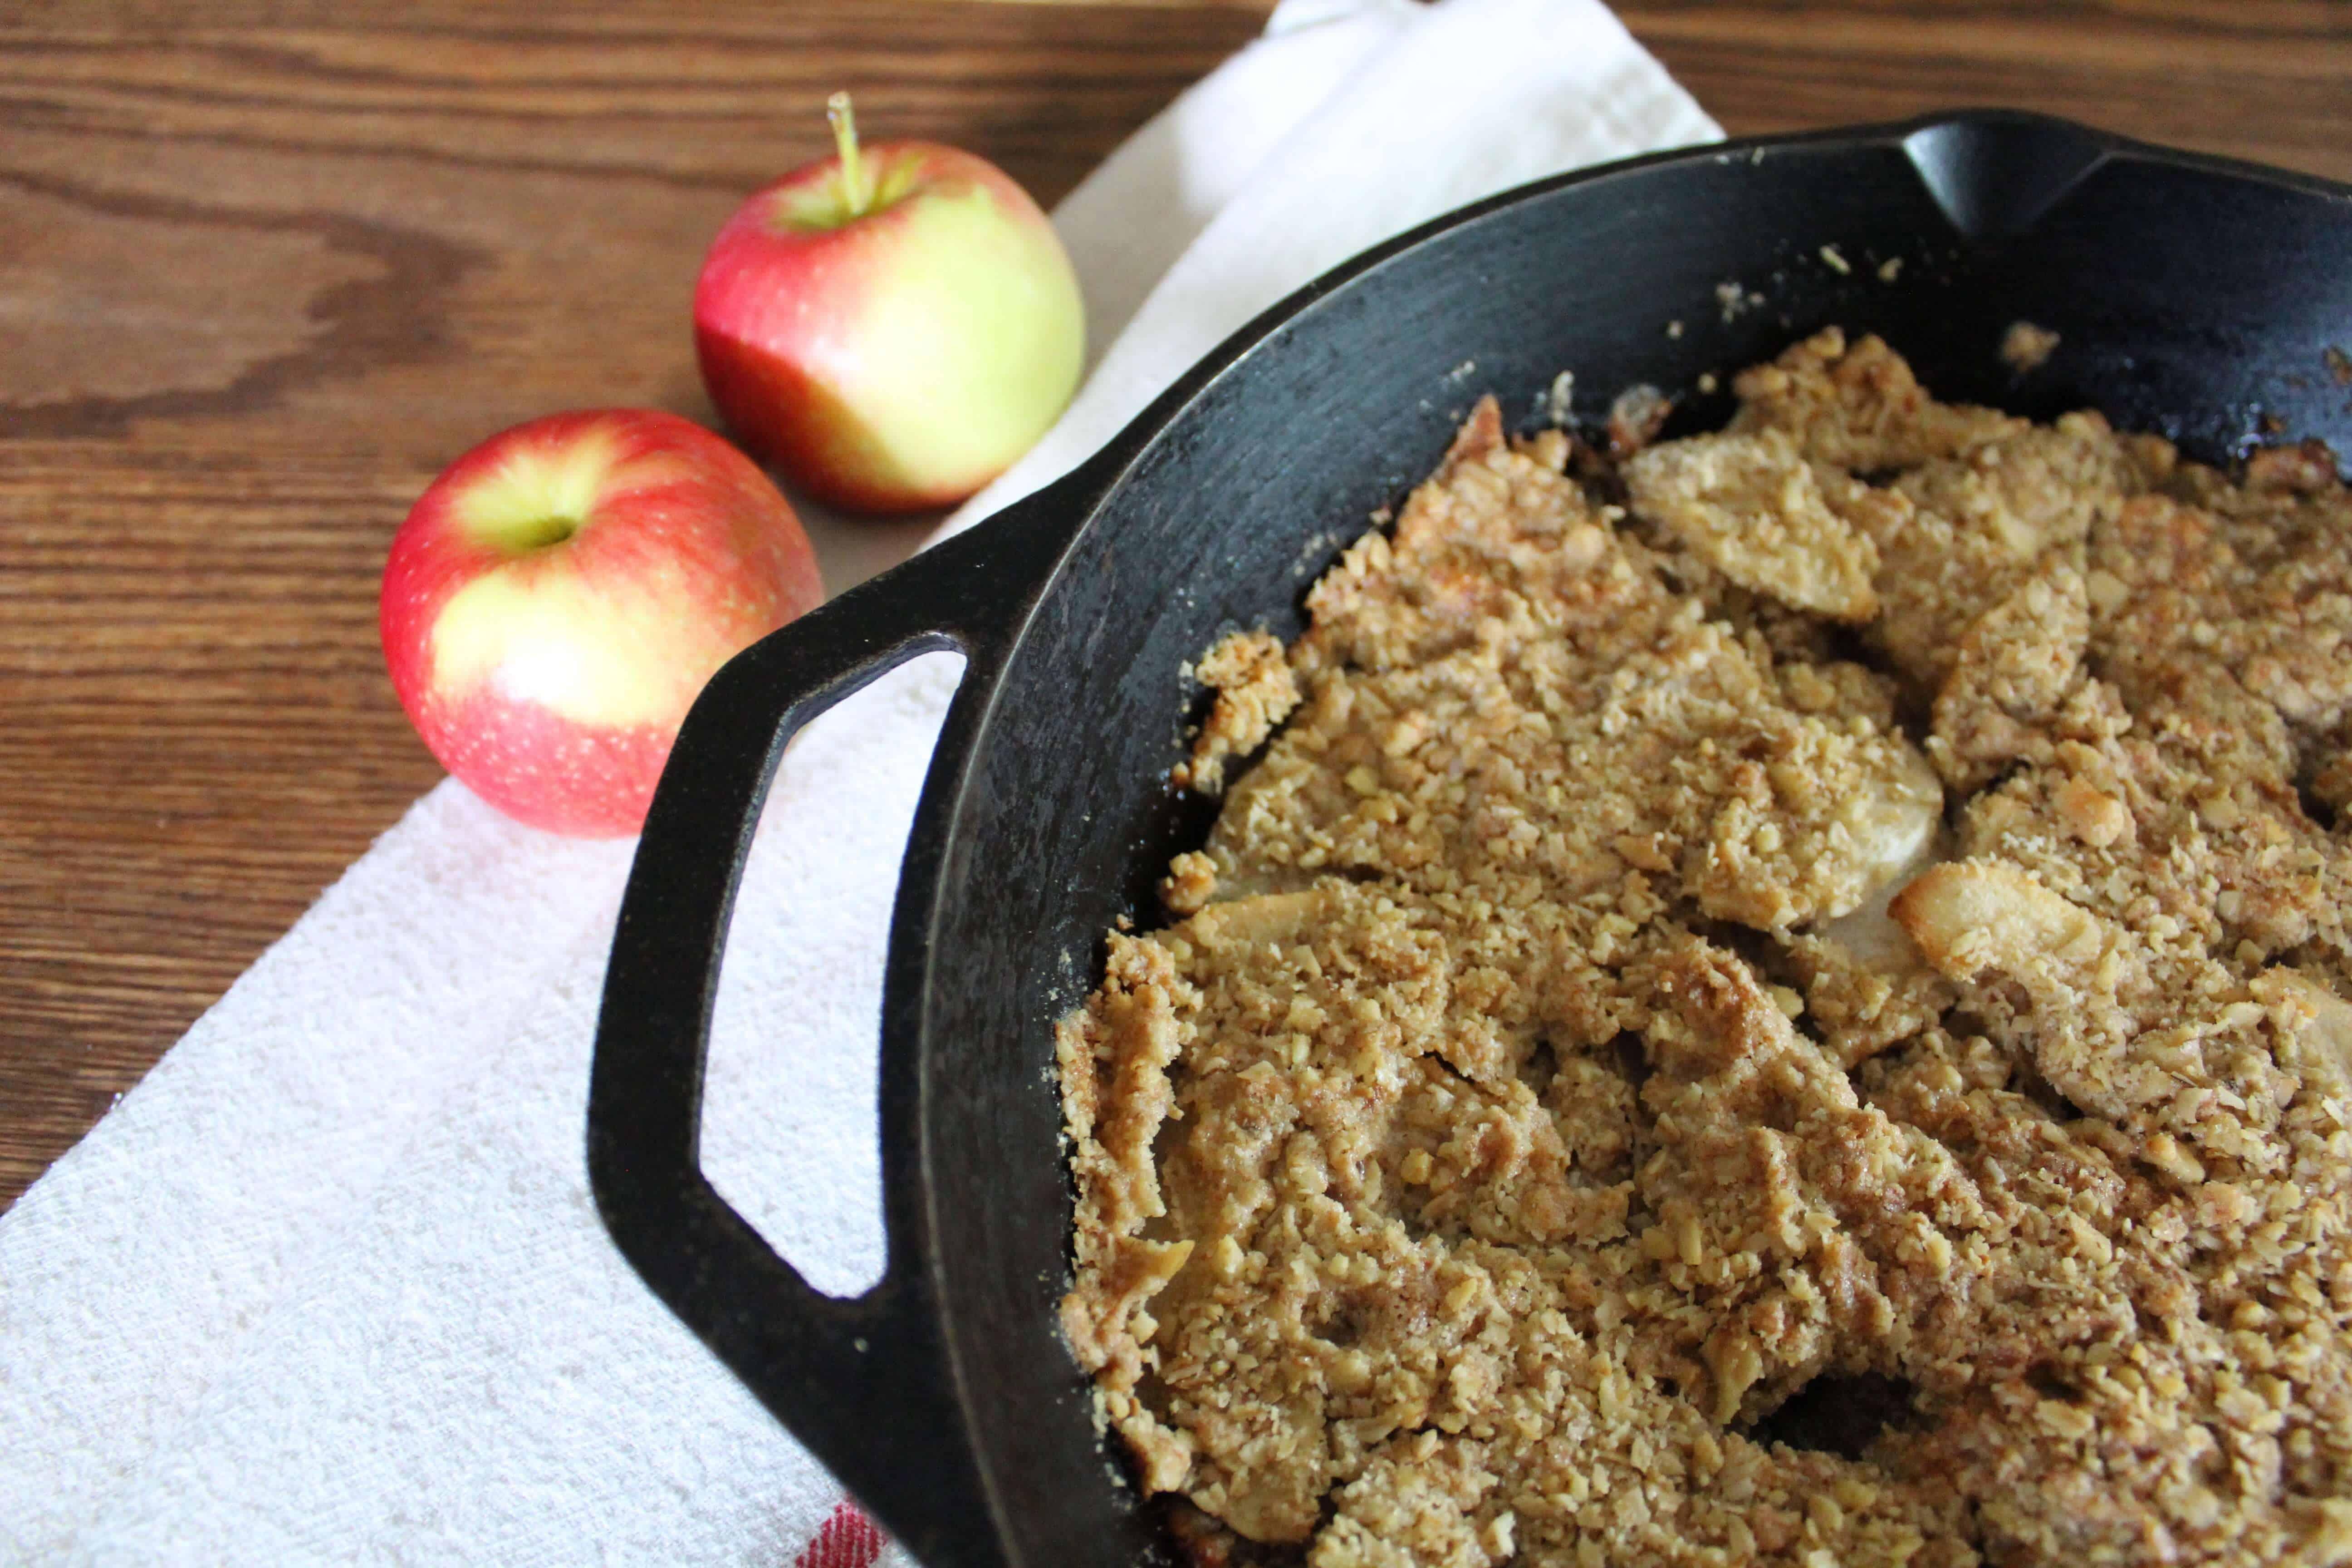 Breakfast-Ready Apple Crisp